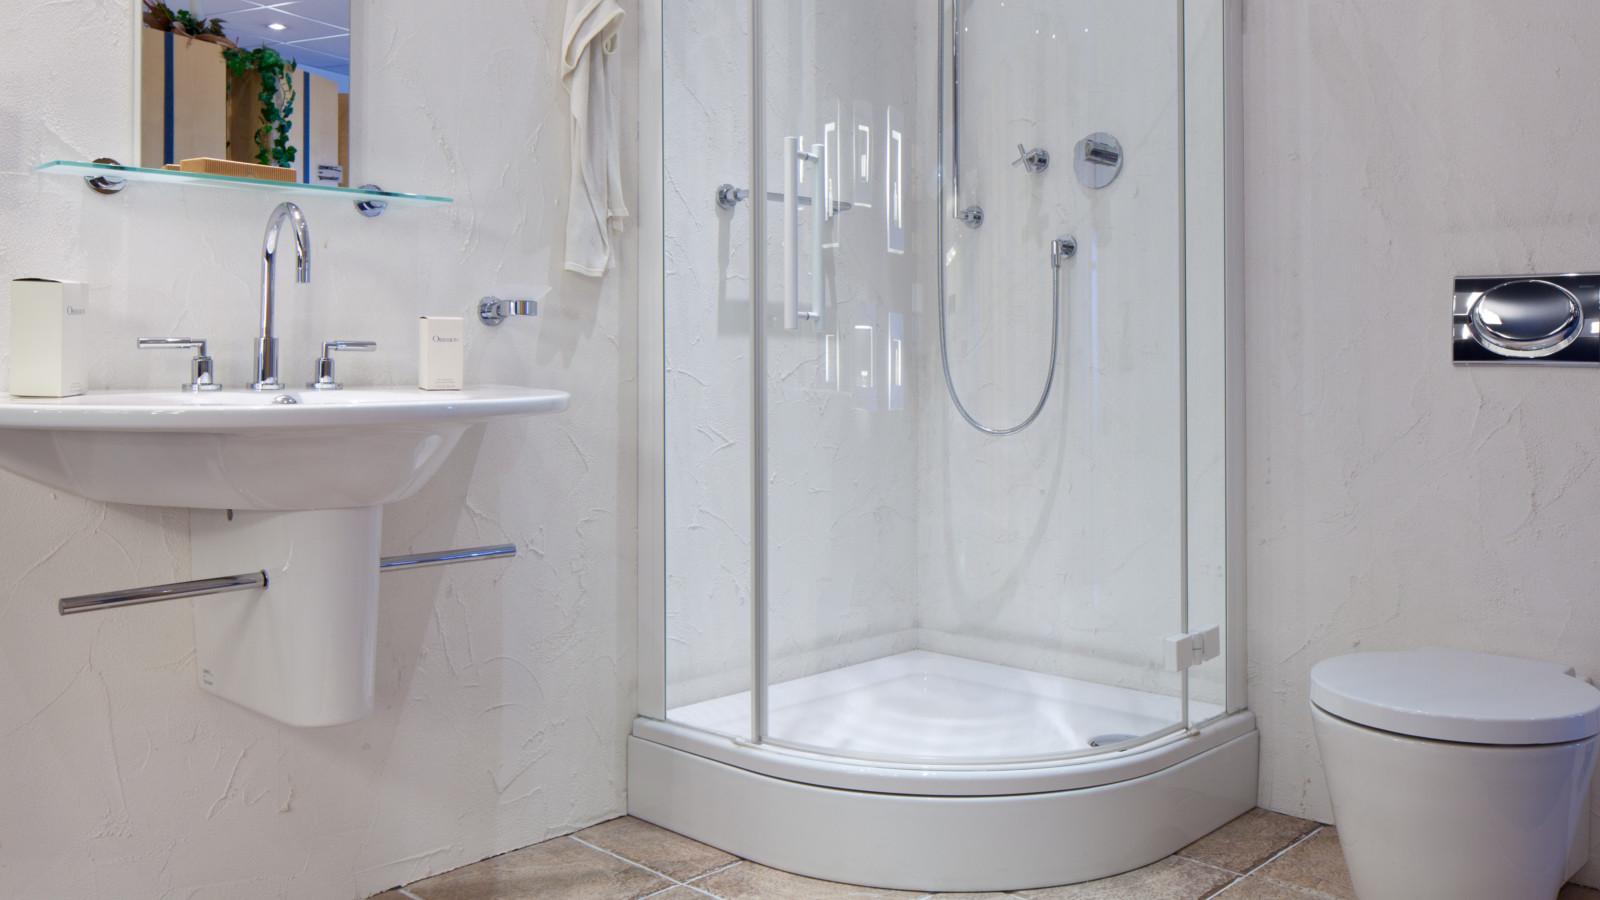 Duschkabine reinigen - so gehen Sie vor | UPDATED